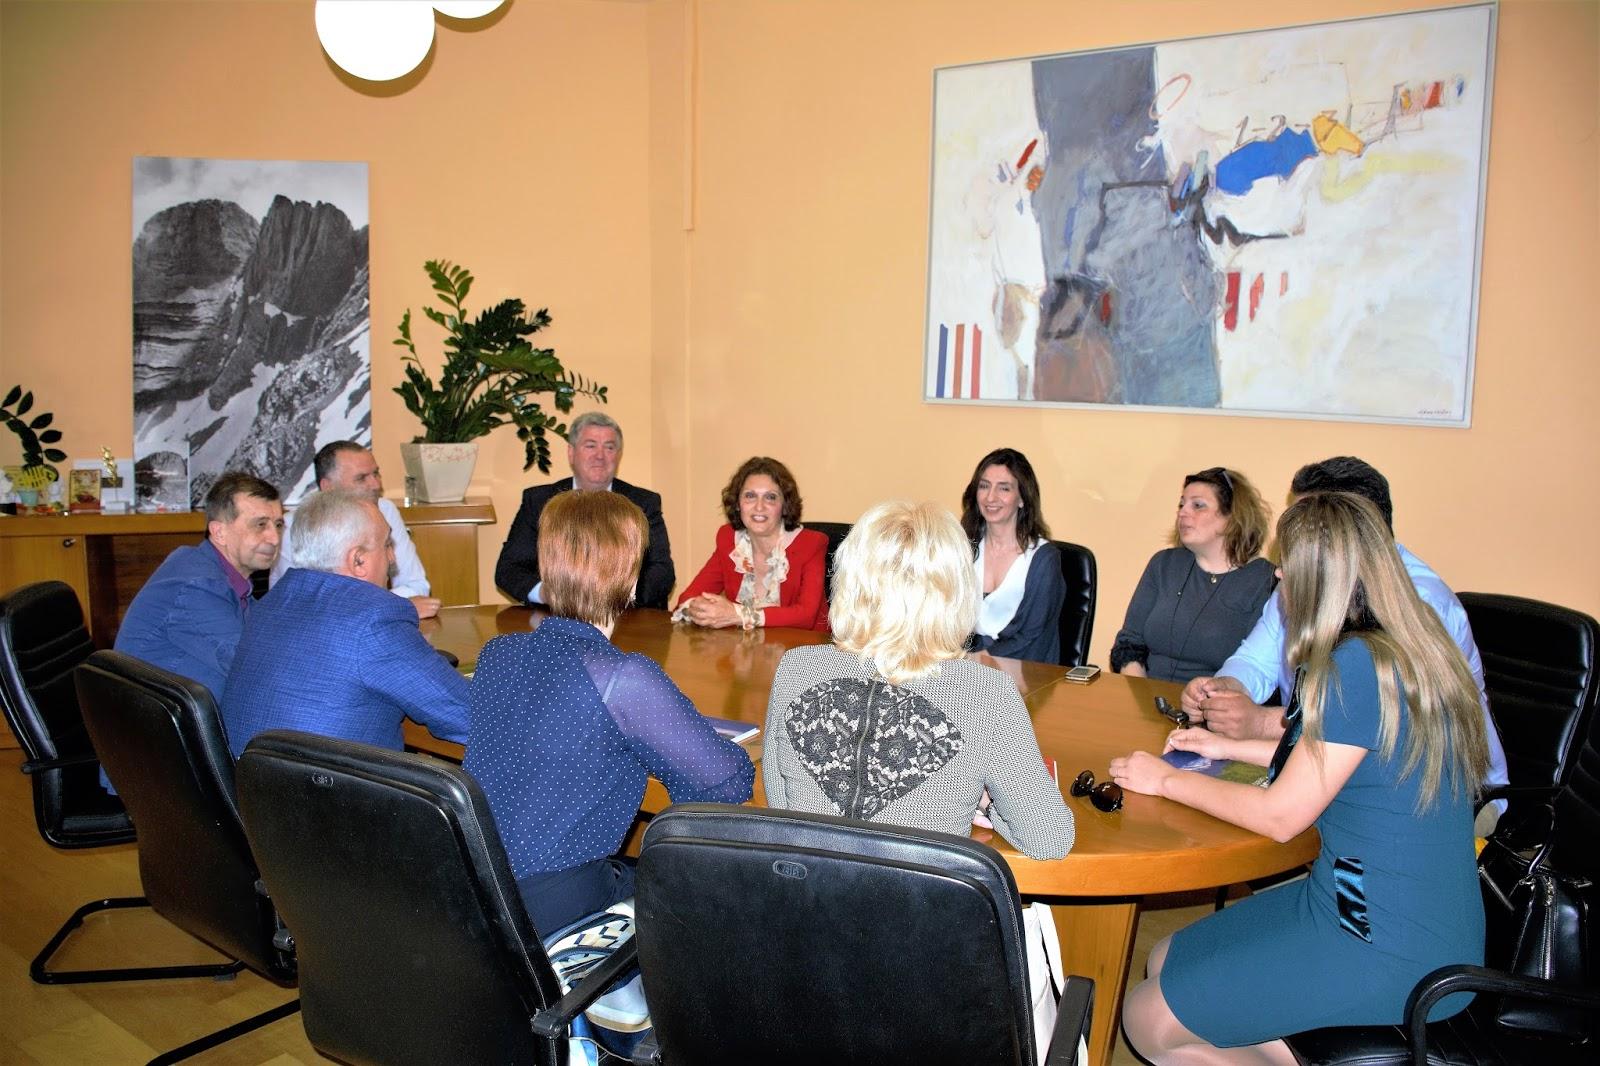 γνωριμίες σε Ρωσική κουλτούρα Πορτογαλικά online υπηρεσίες γνωριμιών